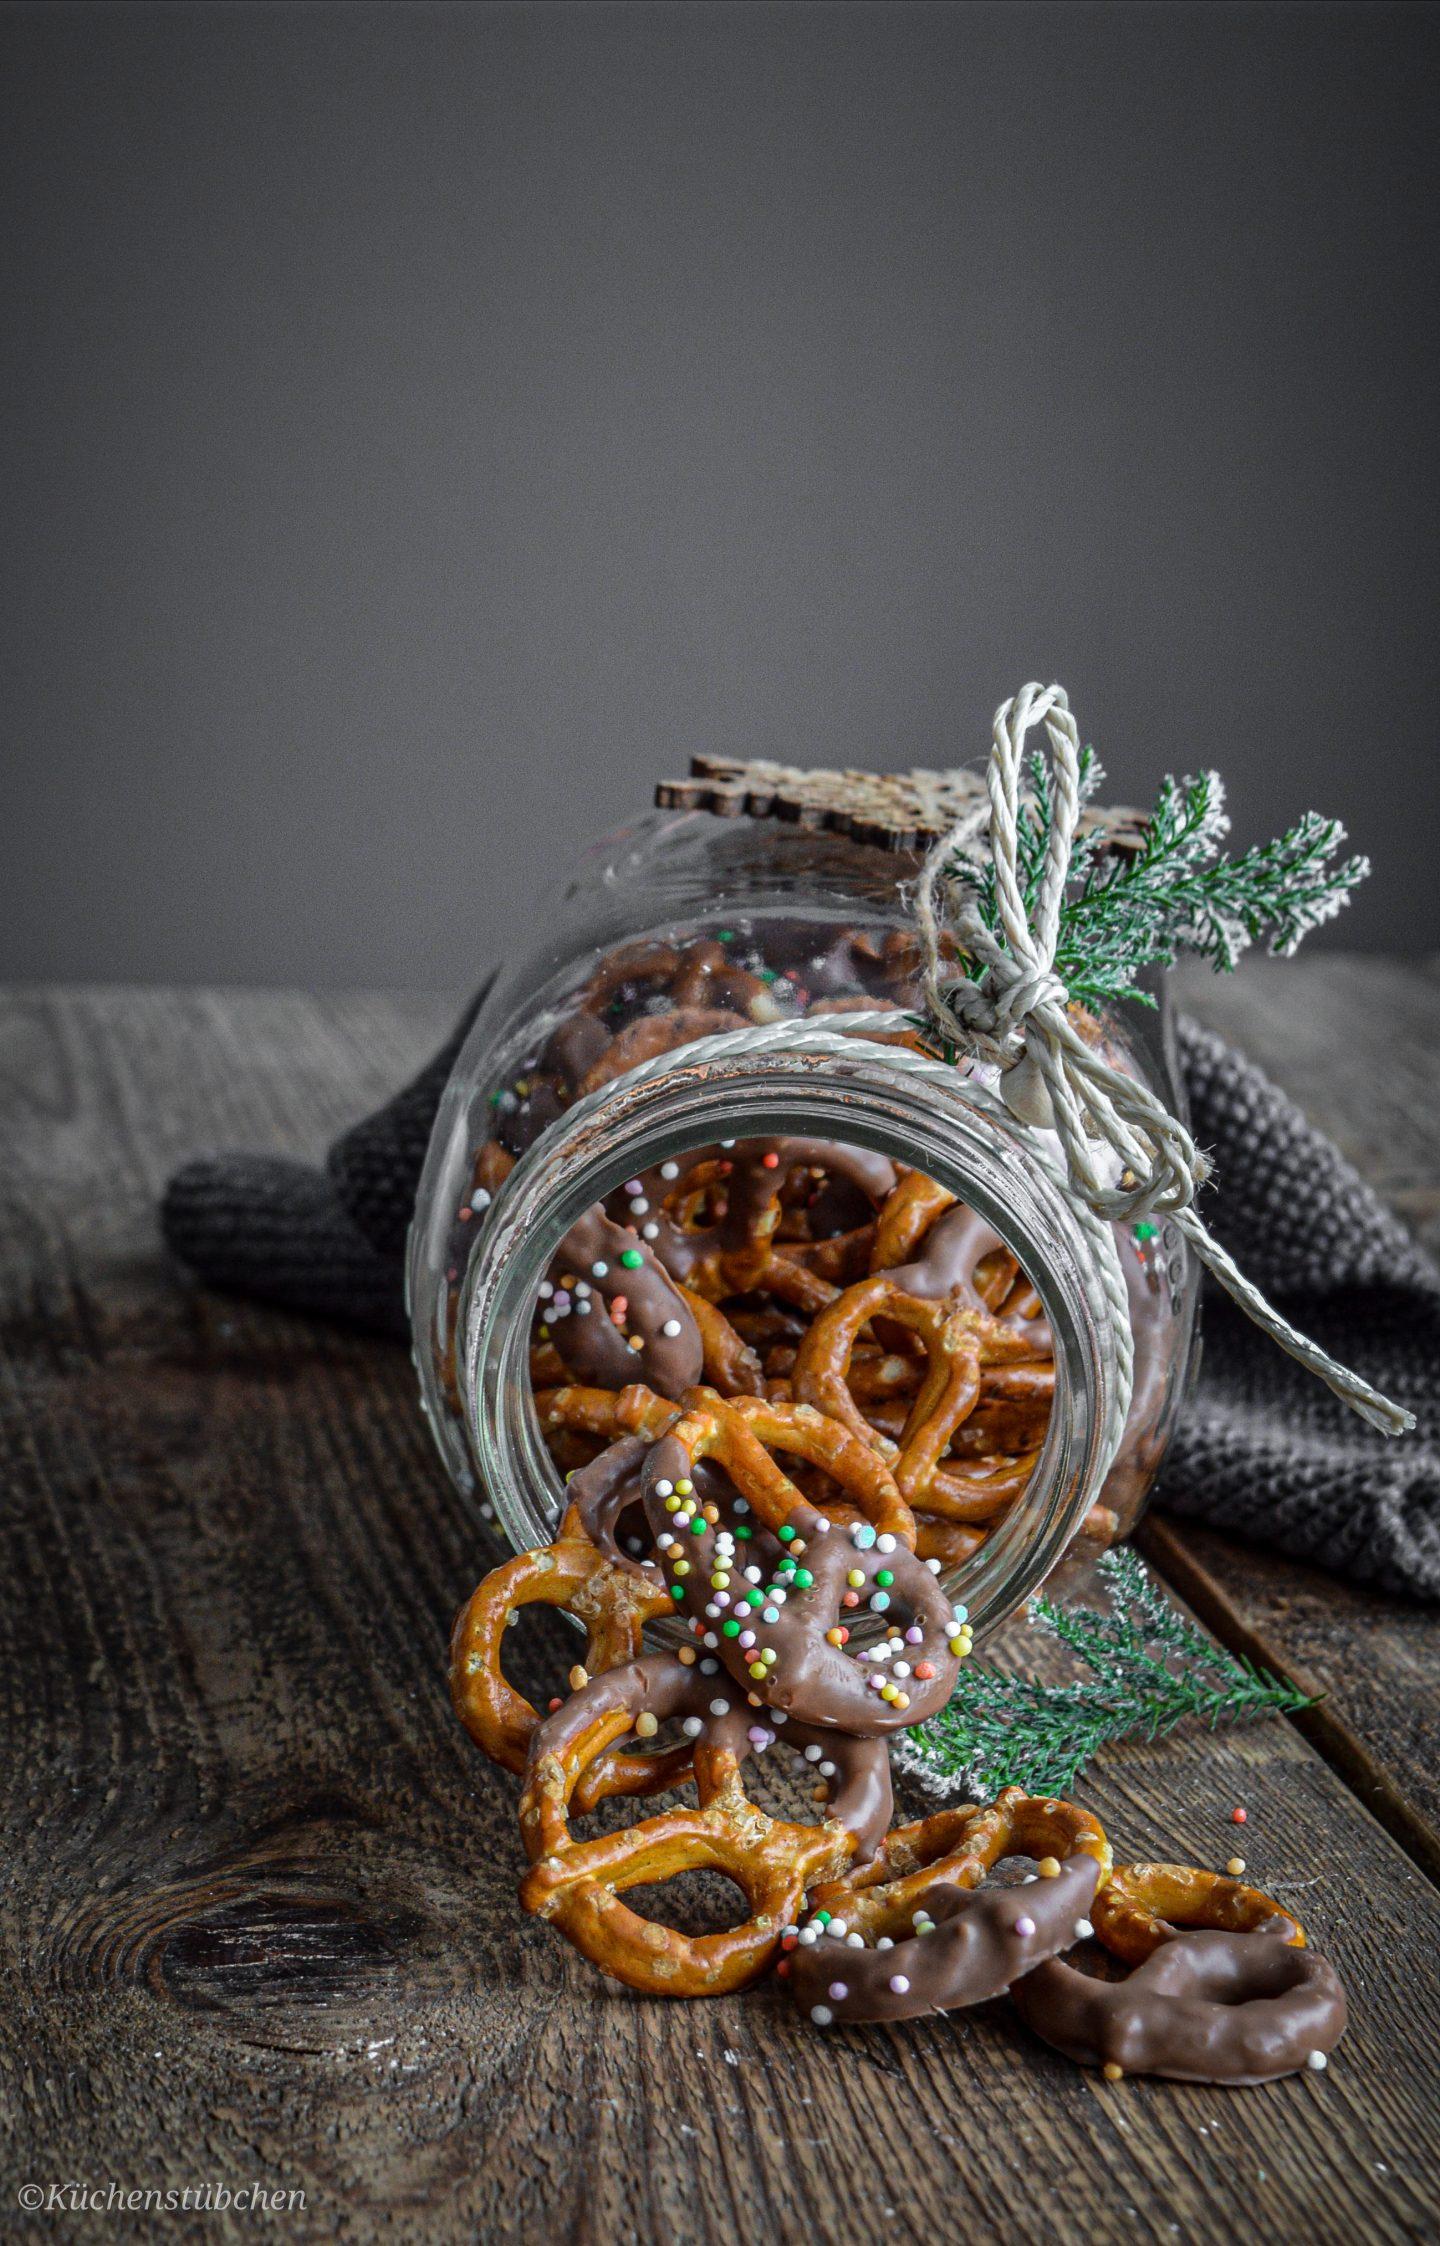 Feine Mitbringsel zur Weihnachtszeit - Salzbrezeln